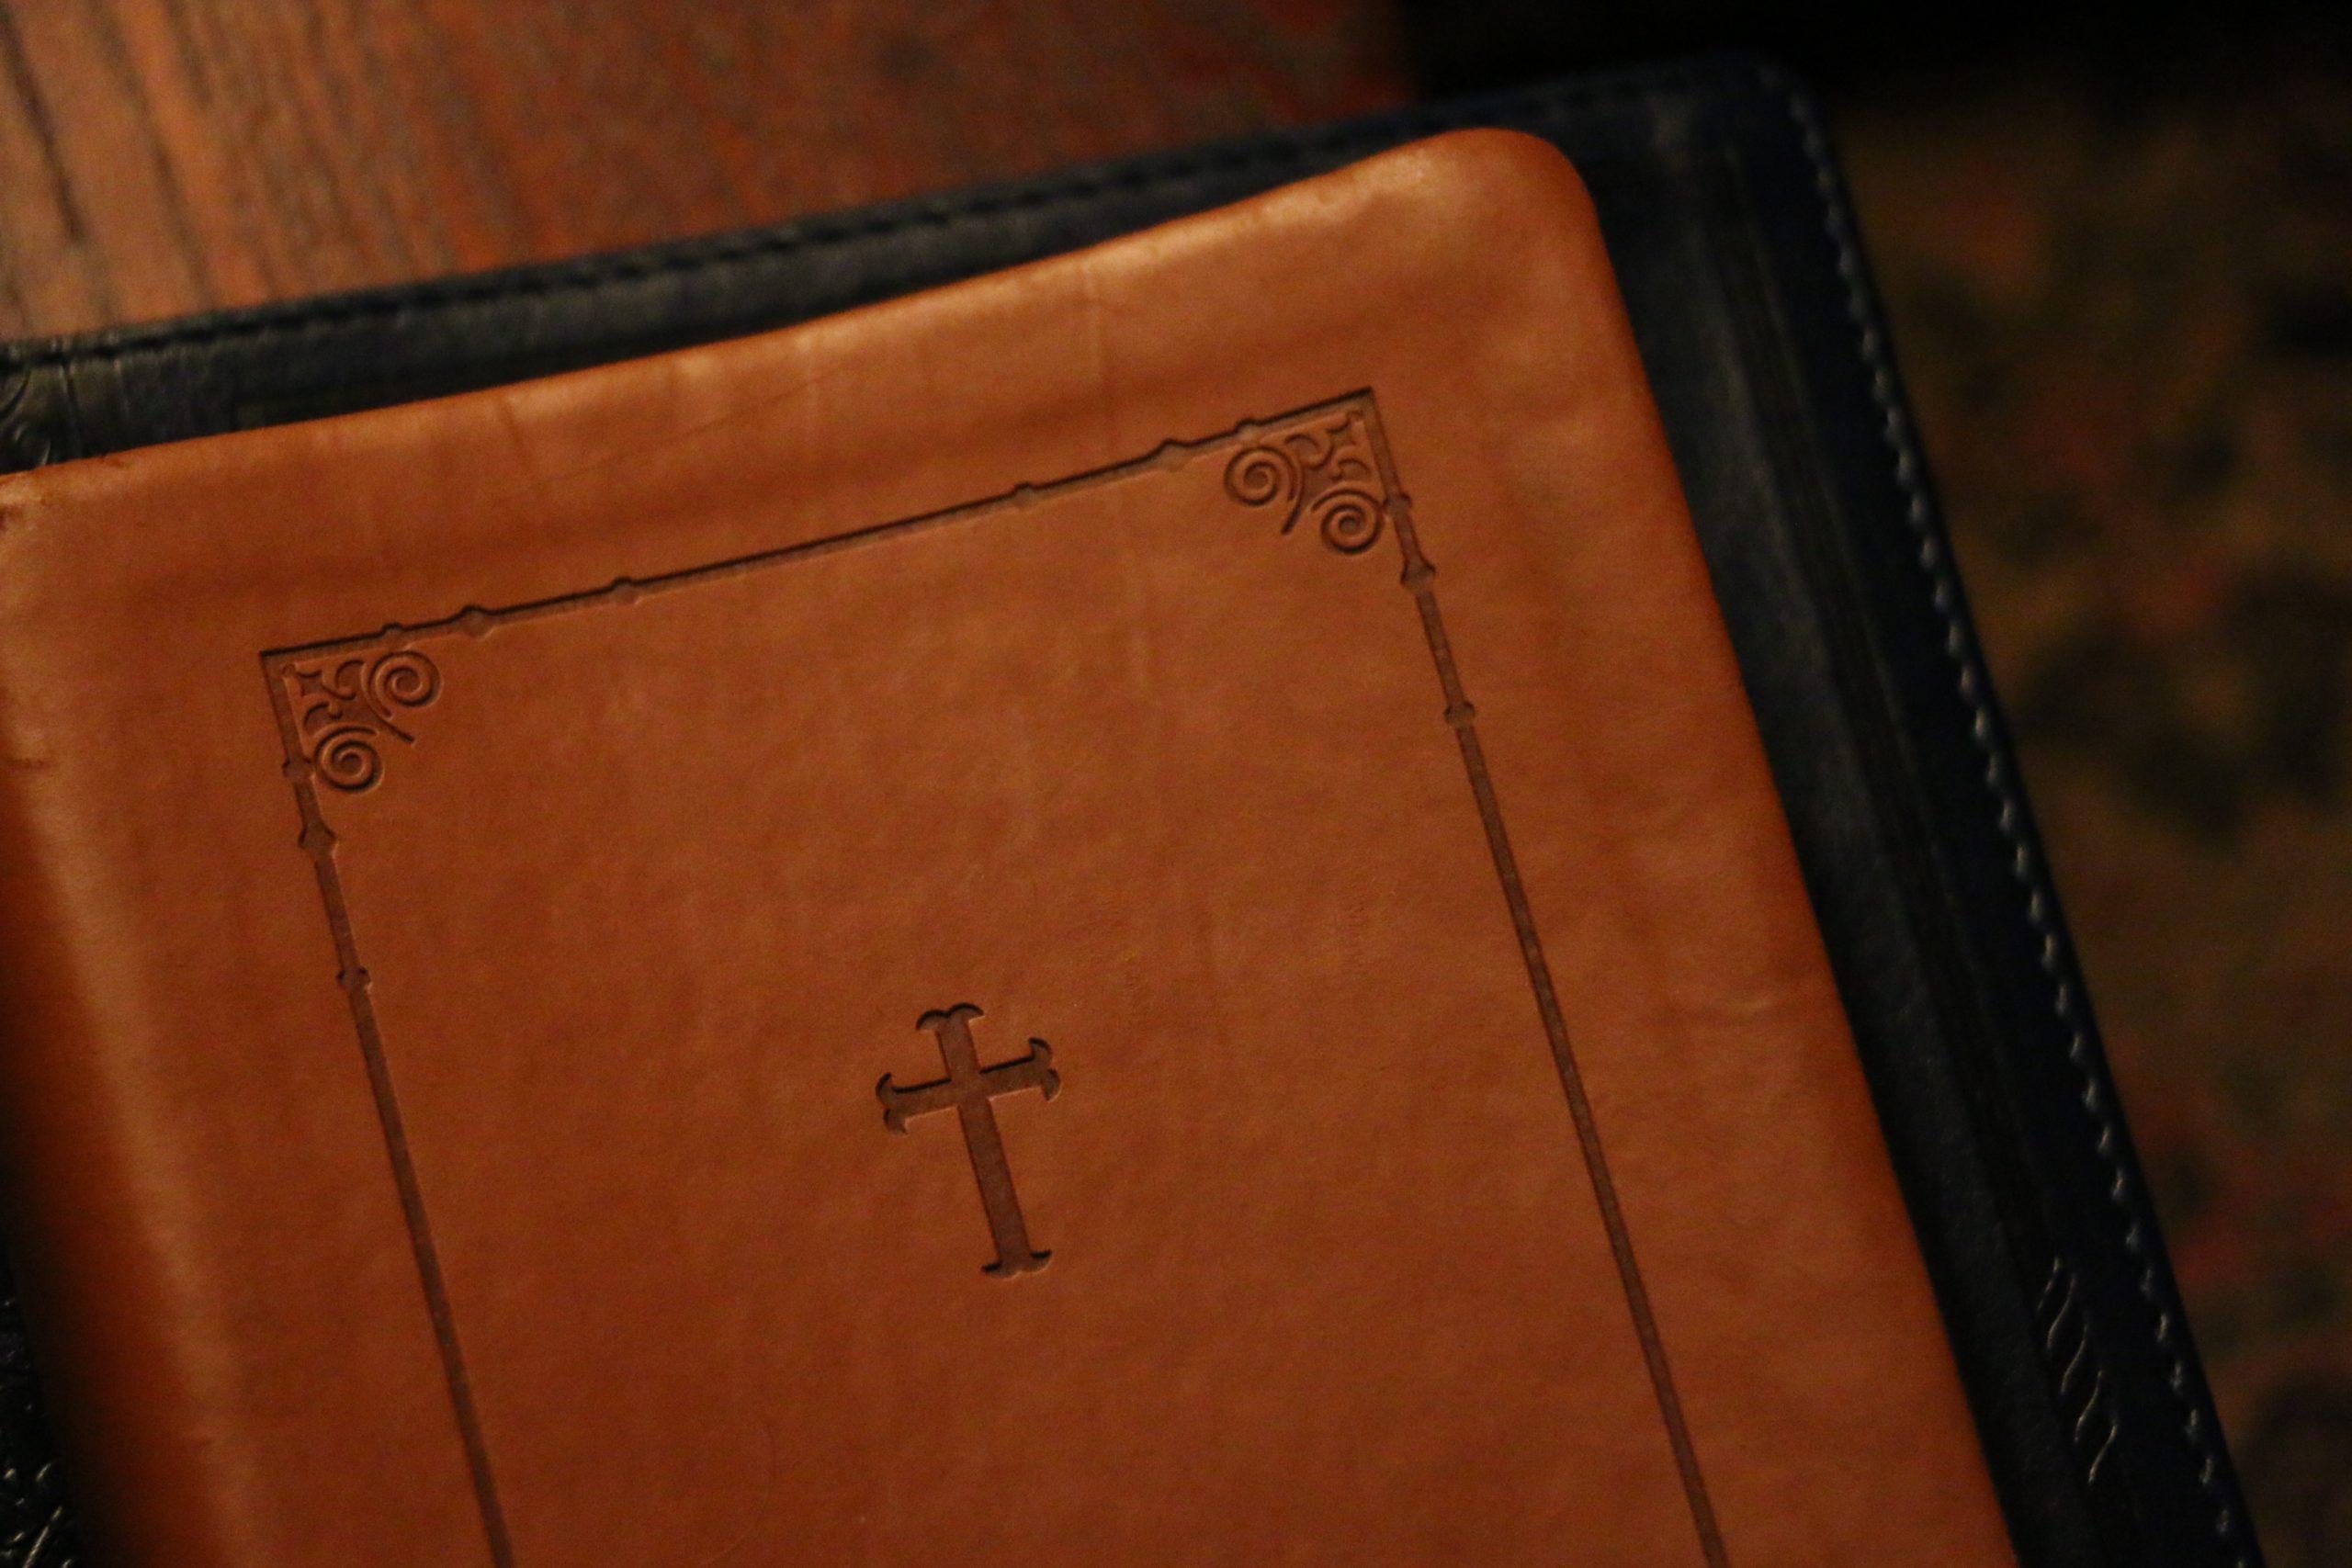 Christlicher rat, der nach scheidung datiert